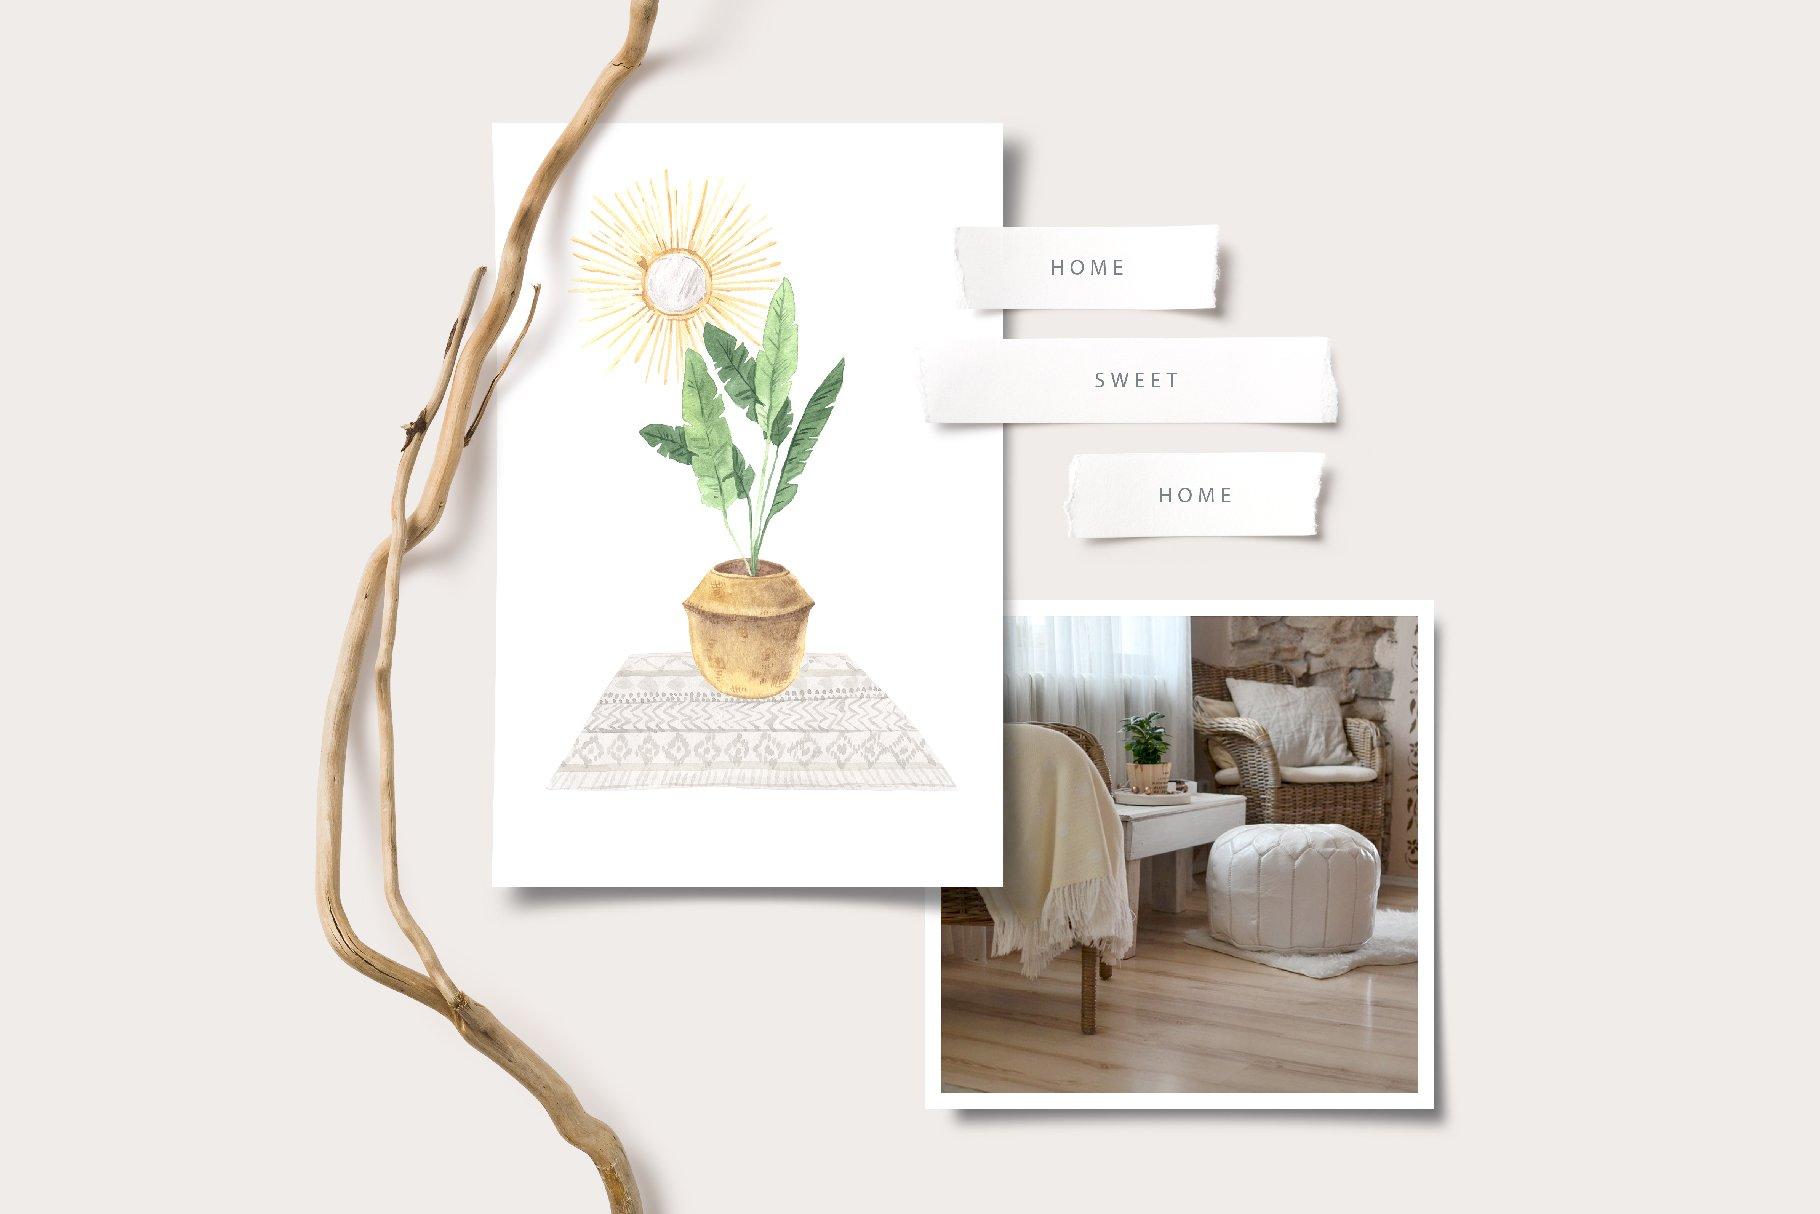 现代新潮手绘波西米亚风室内盆栽植物水彩剪贴画PNG免抠图片素材 Boho Home Interior Clipart插图(7)